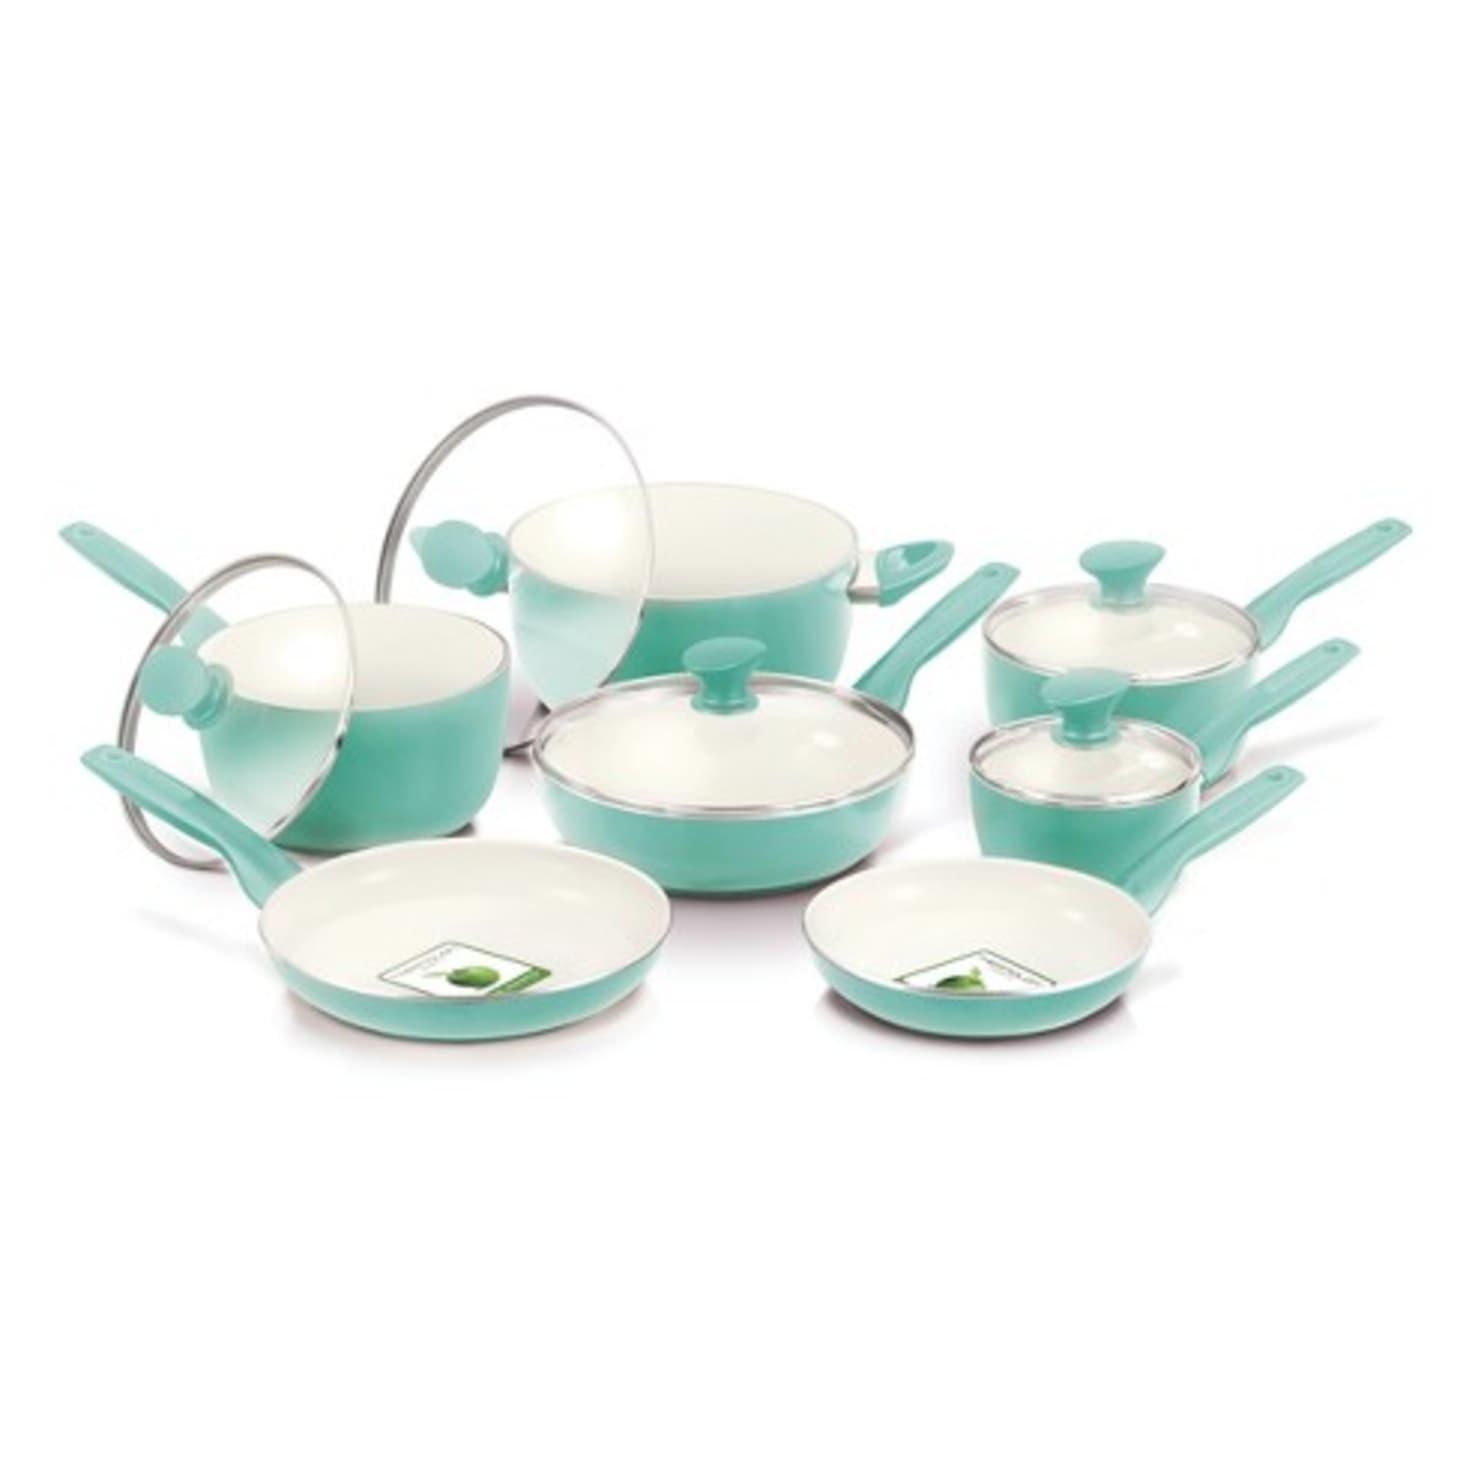 GreenPan Cookware Review | Kitchn